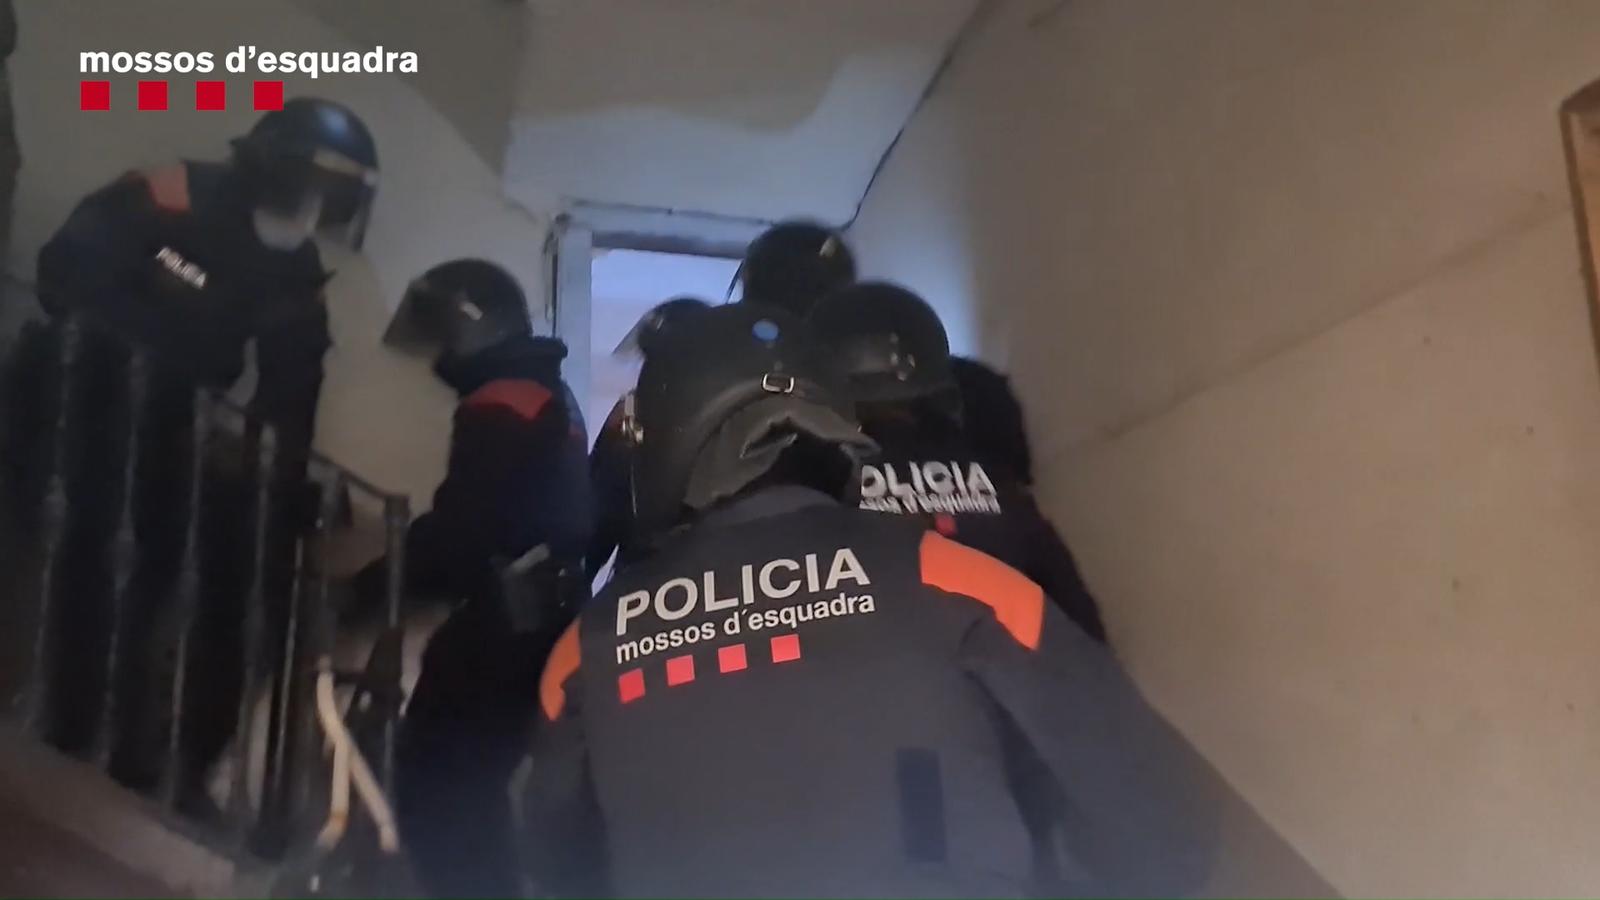 Desarticulen un grup que tenia quatre narcopisos a l'Eixample i Ciutat Vella